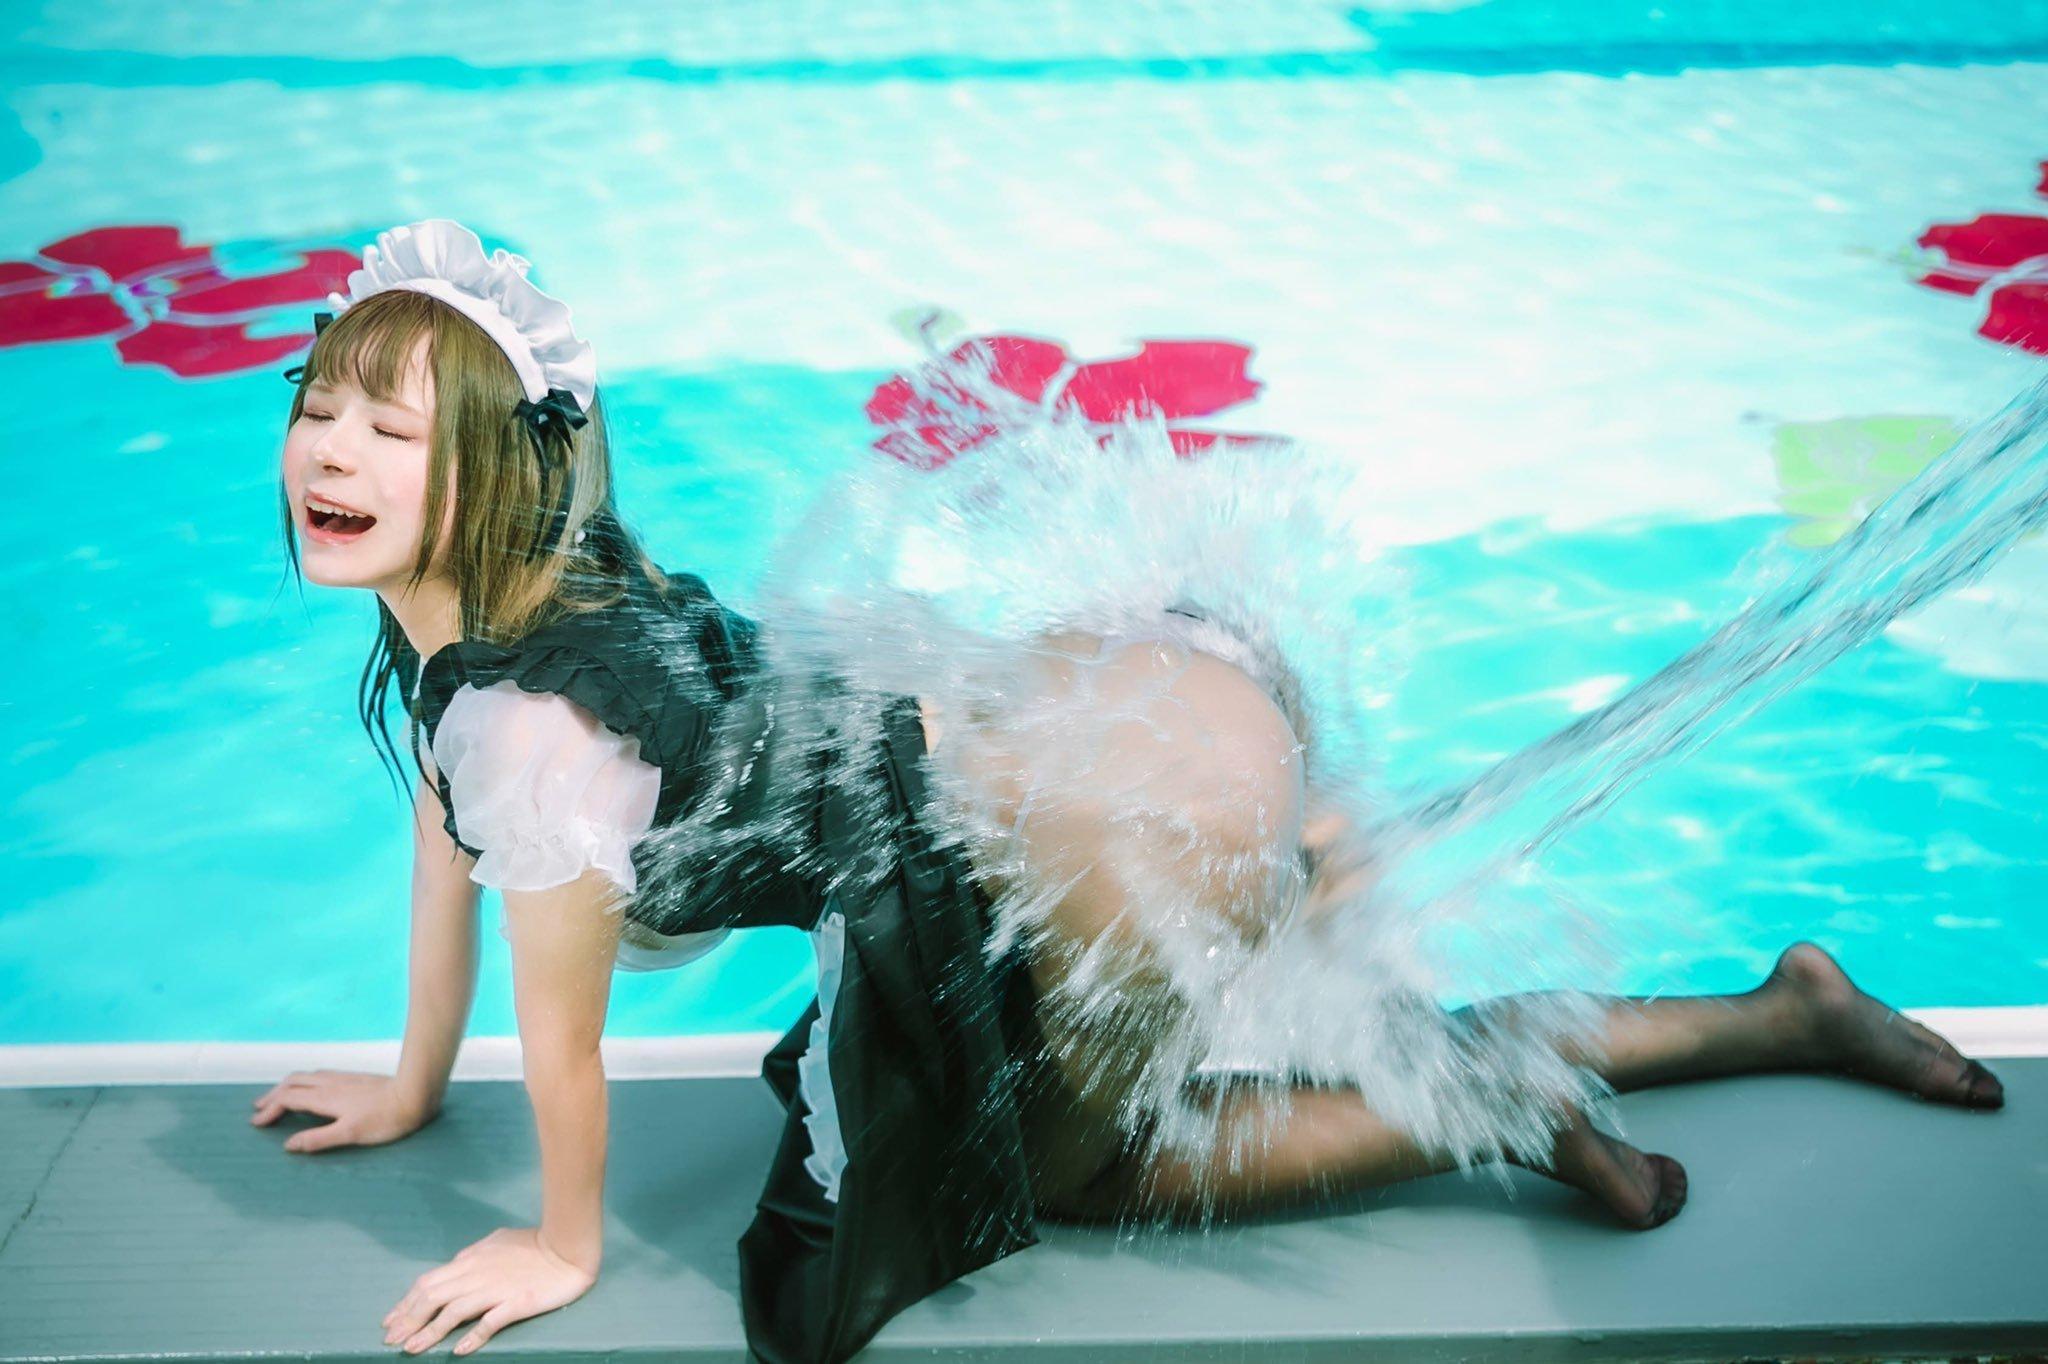 女仆泼水通透见肉 蒂法艾瑞丝百合浓密插图(50)